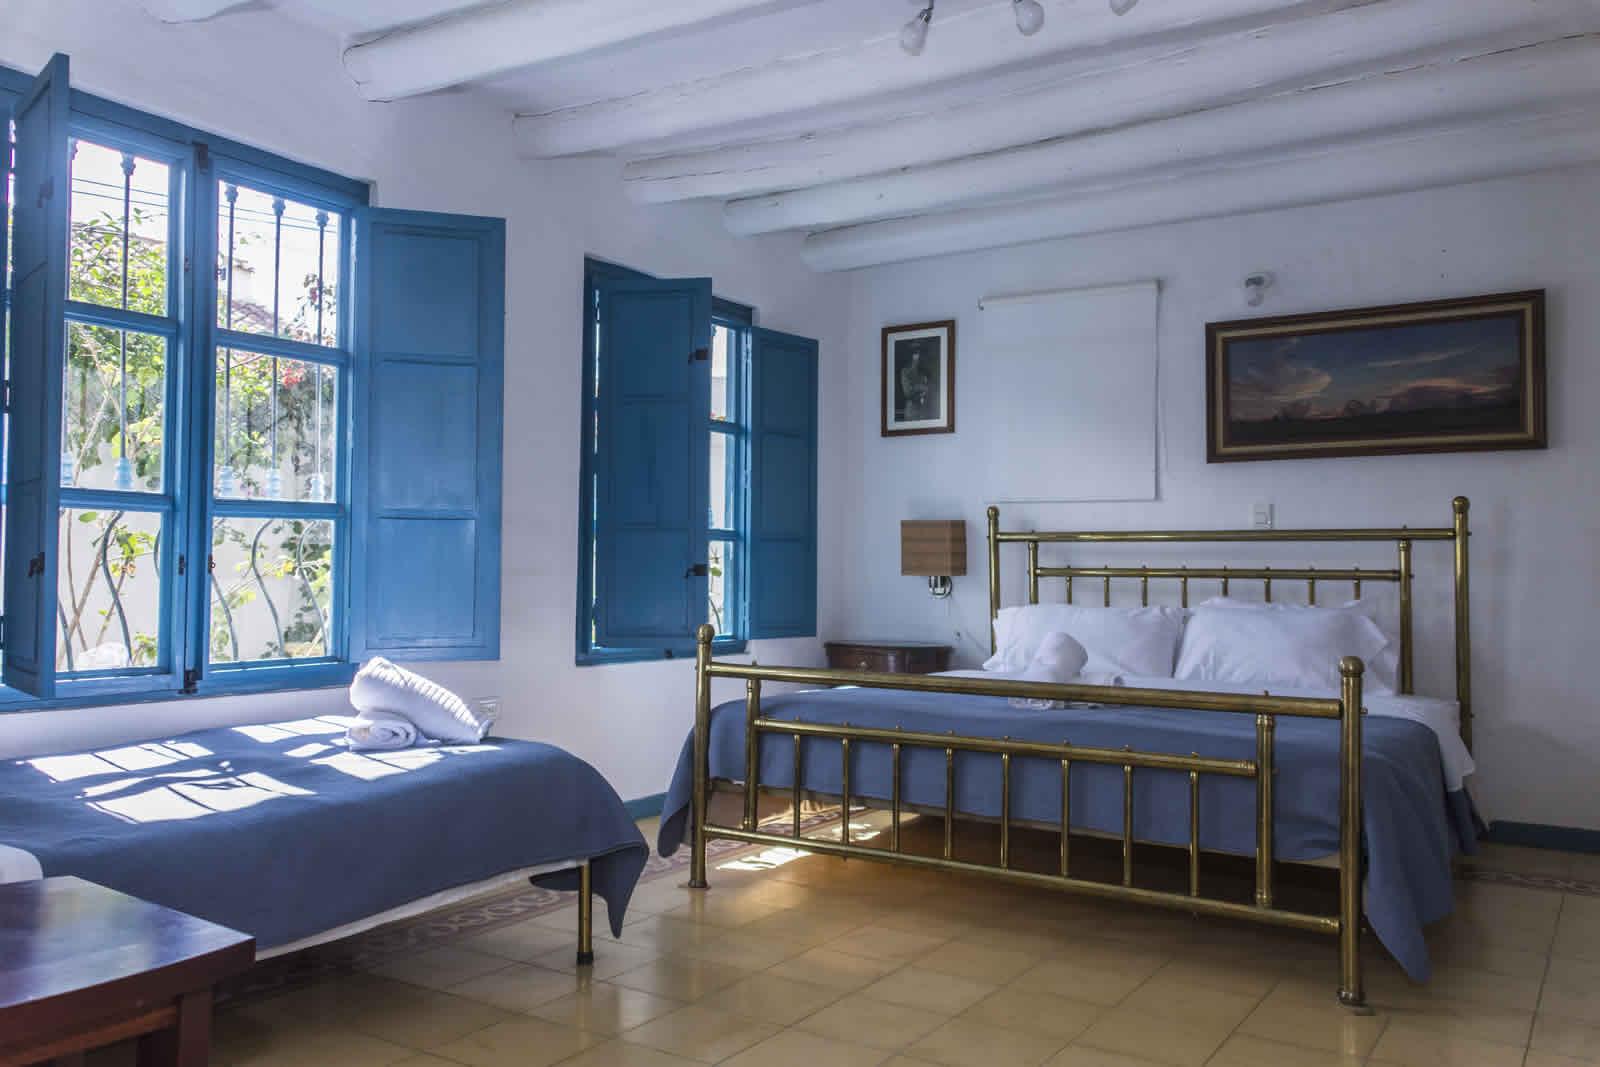 Alquiler casa Tulato Villa de Leyva habitación 2